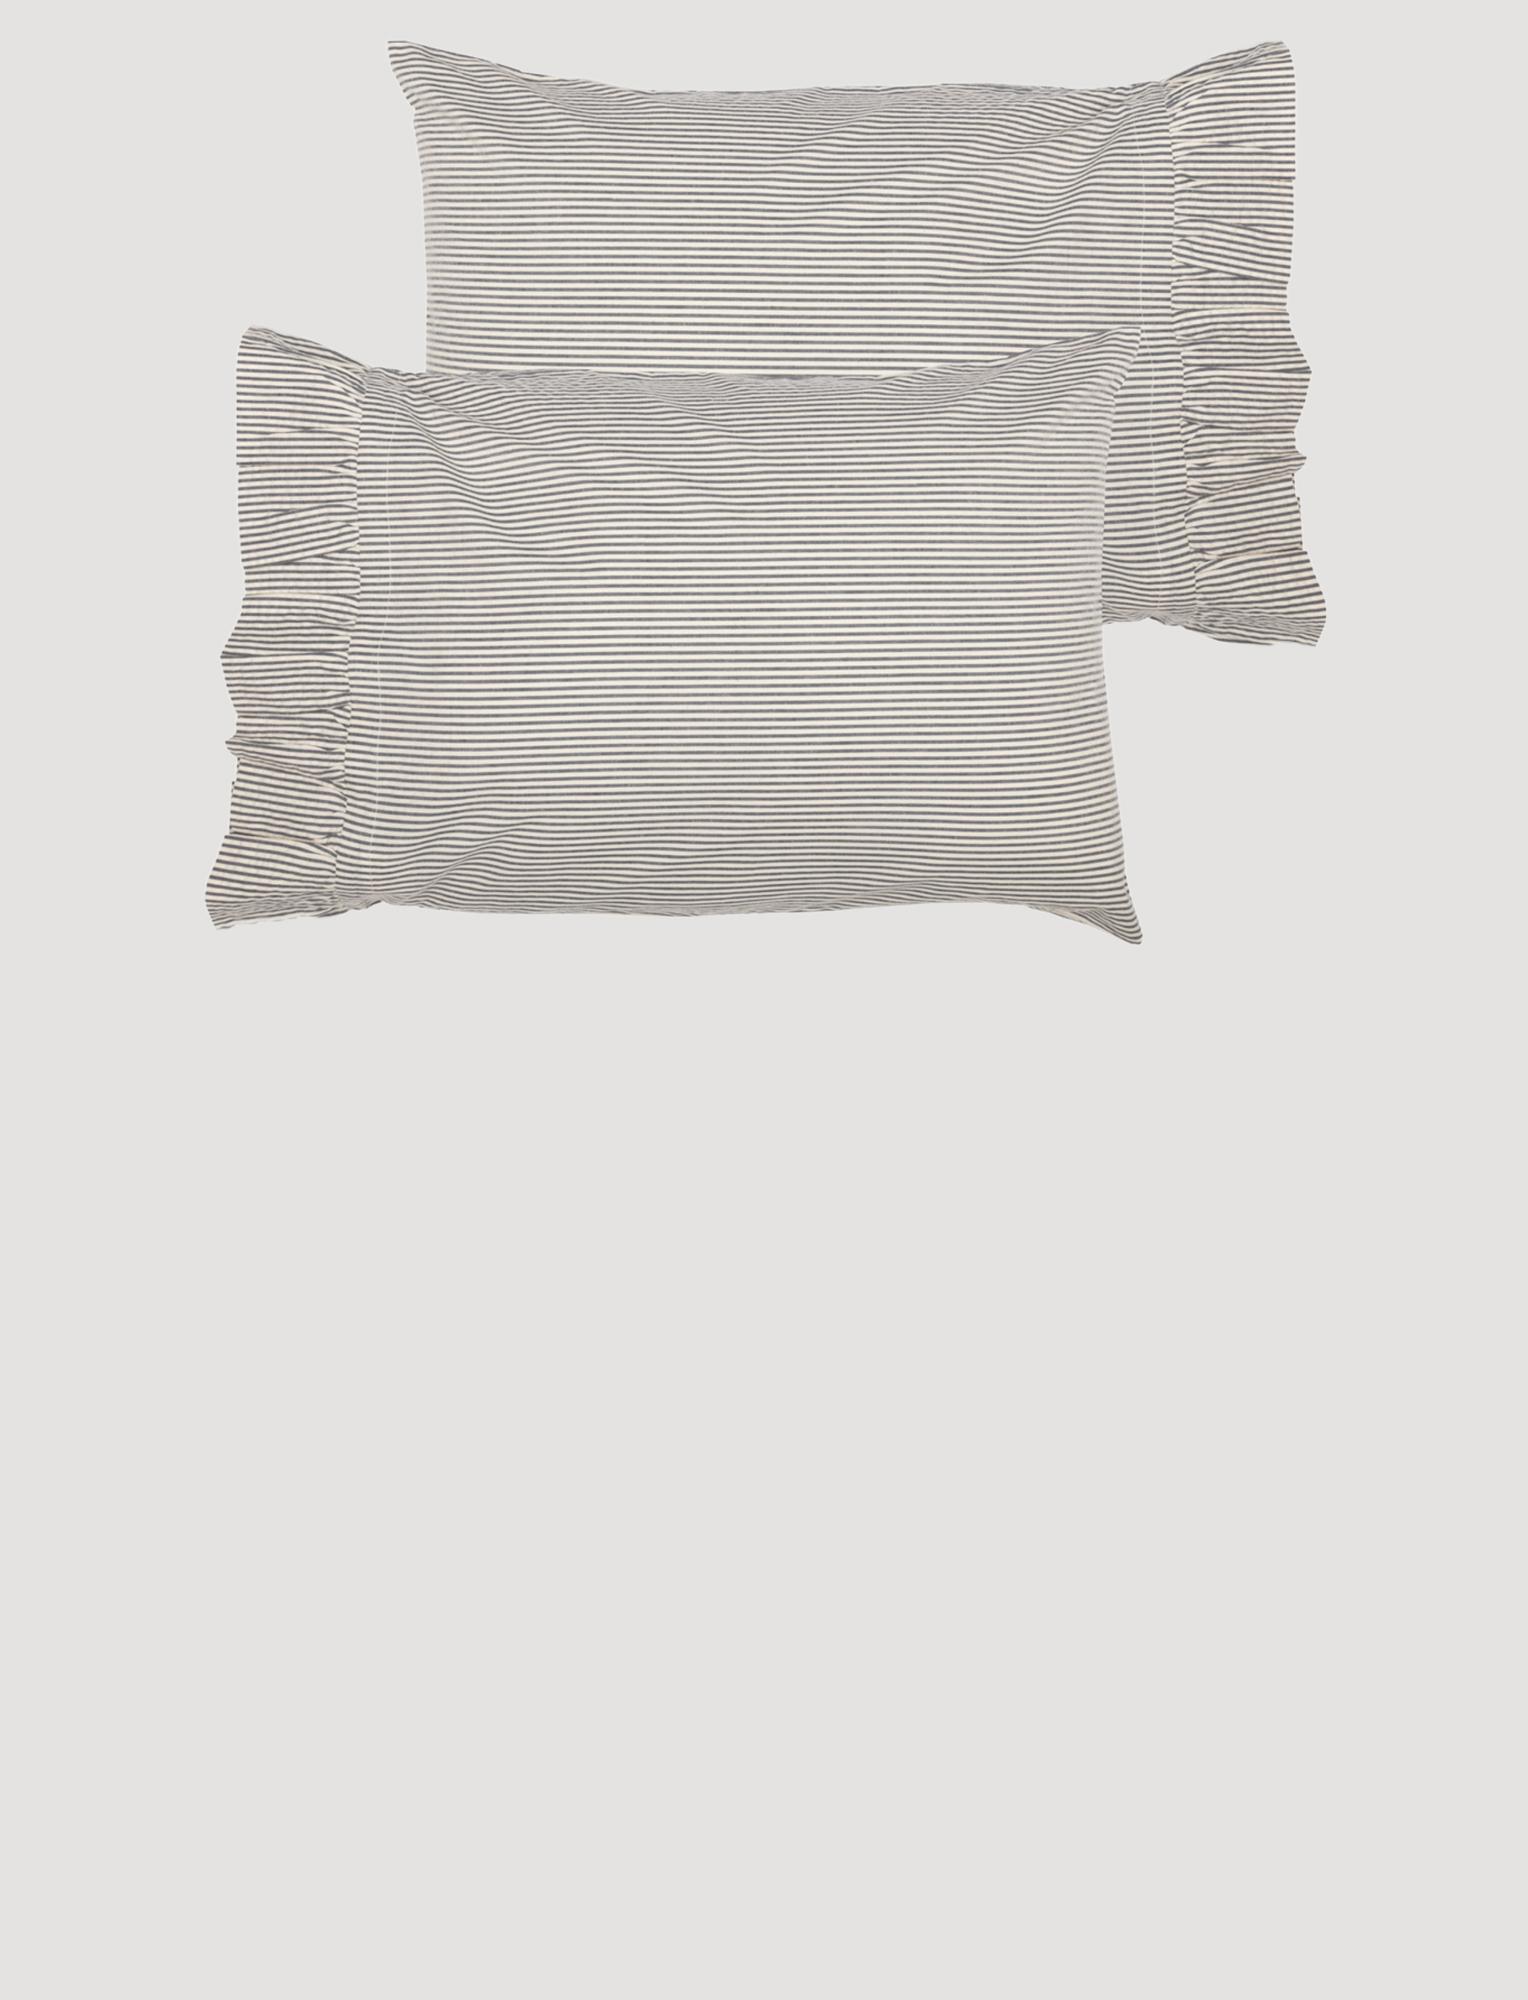 VHC Brands Hatteras Seersucker Blue Ticking Stripe Pillow Case Set of 2